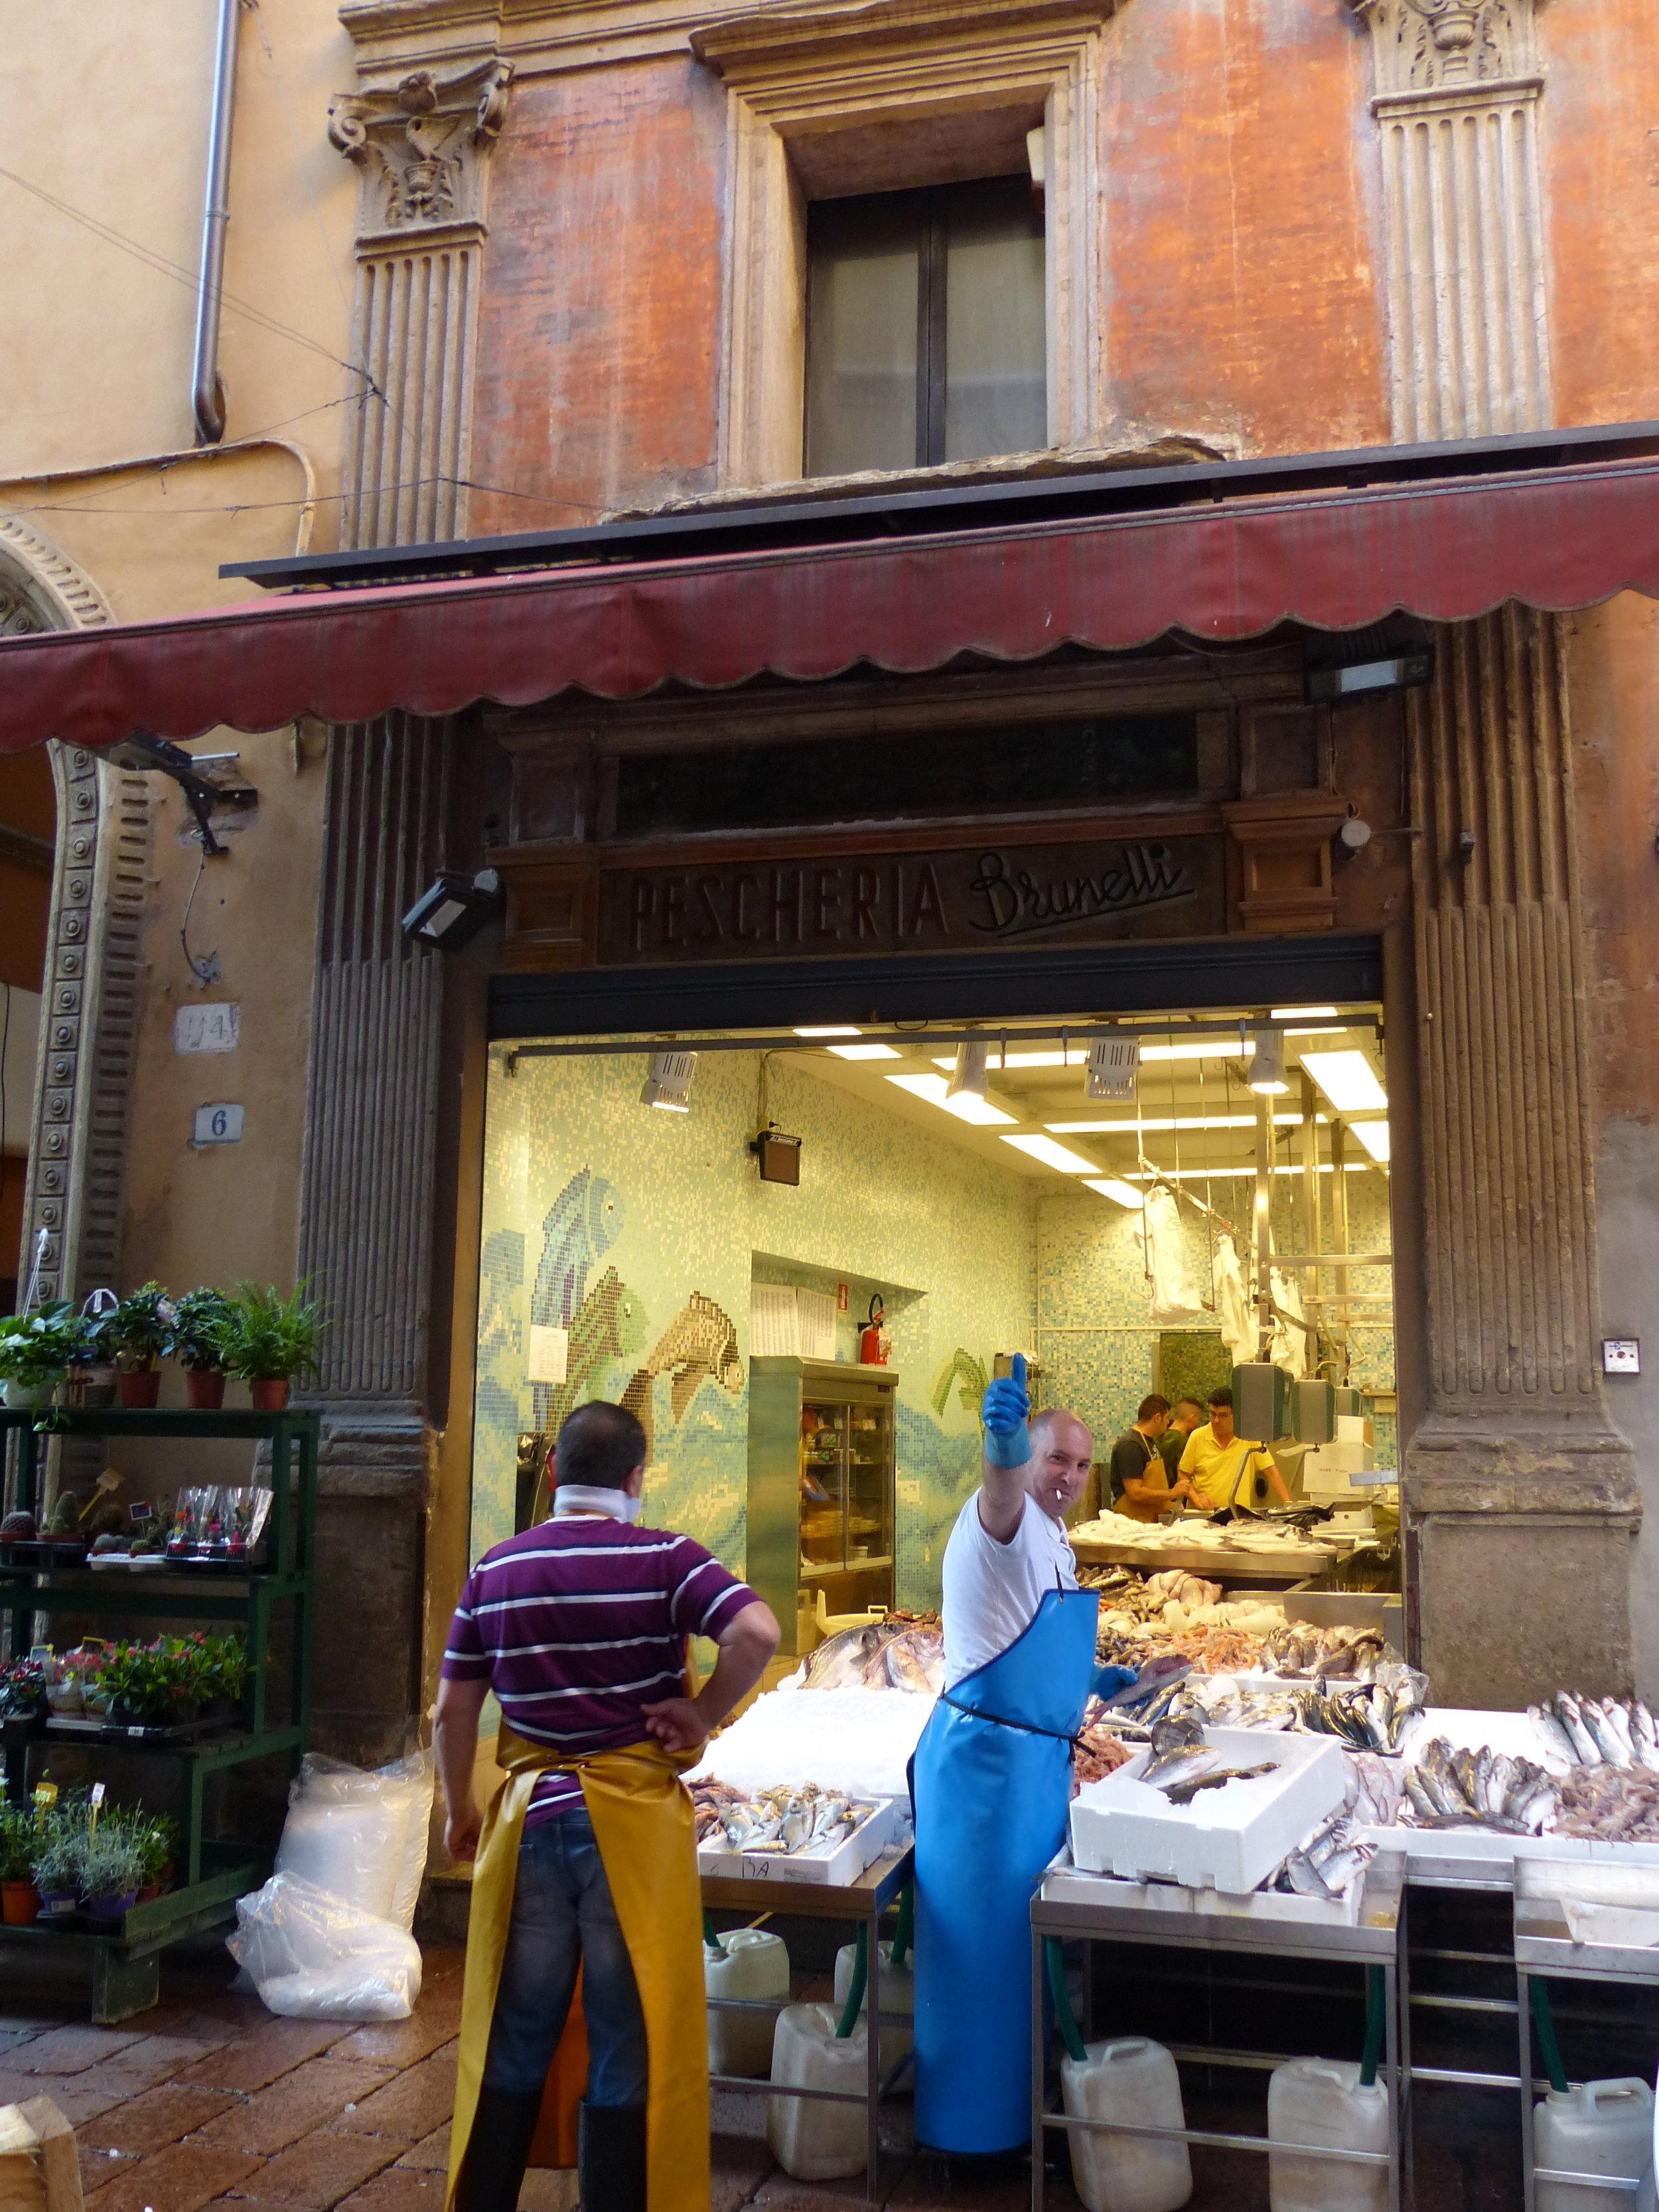 Bologna fish market, Italy